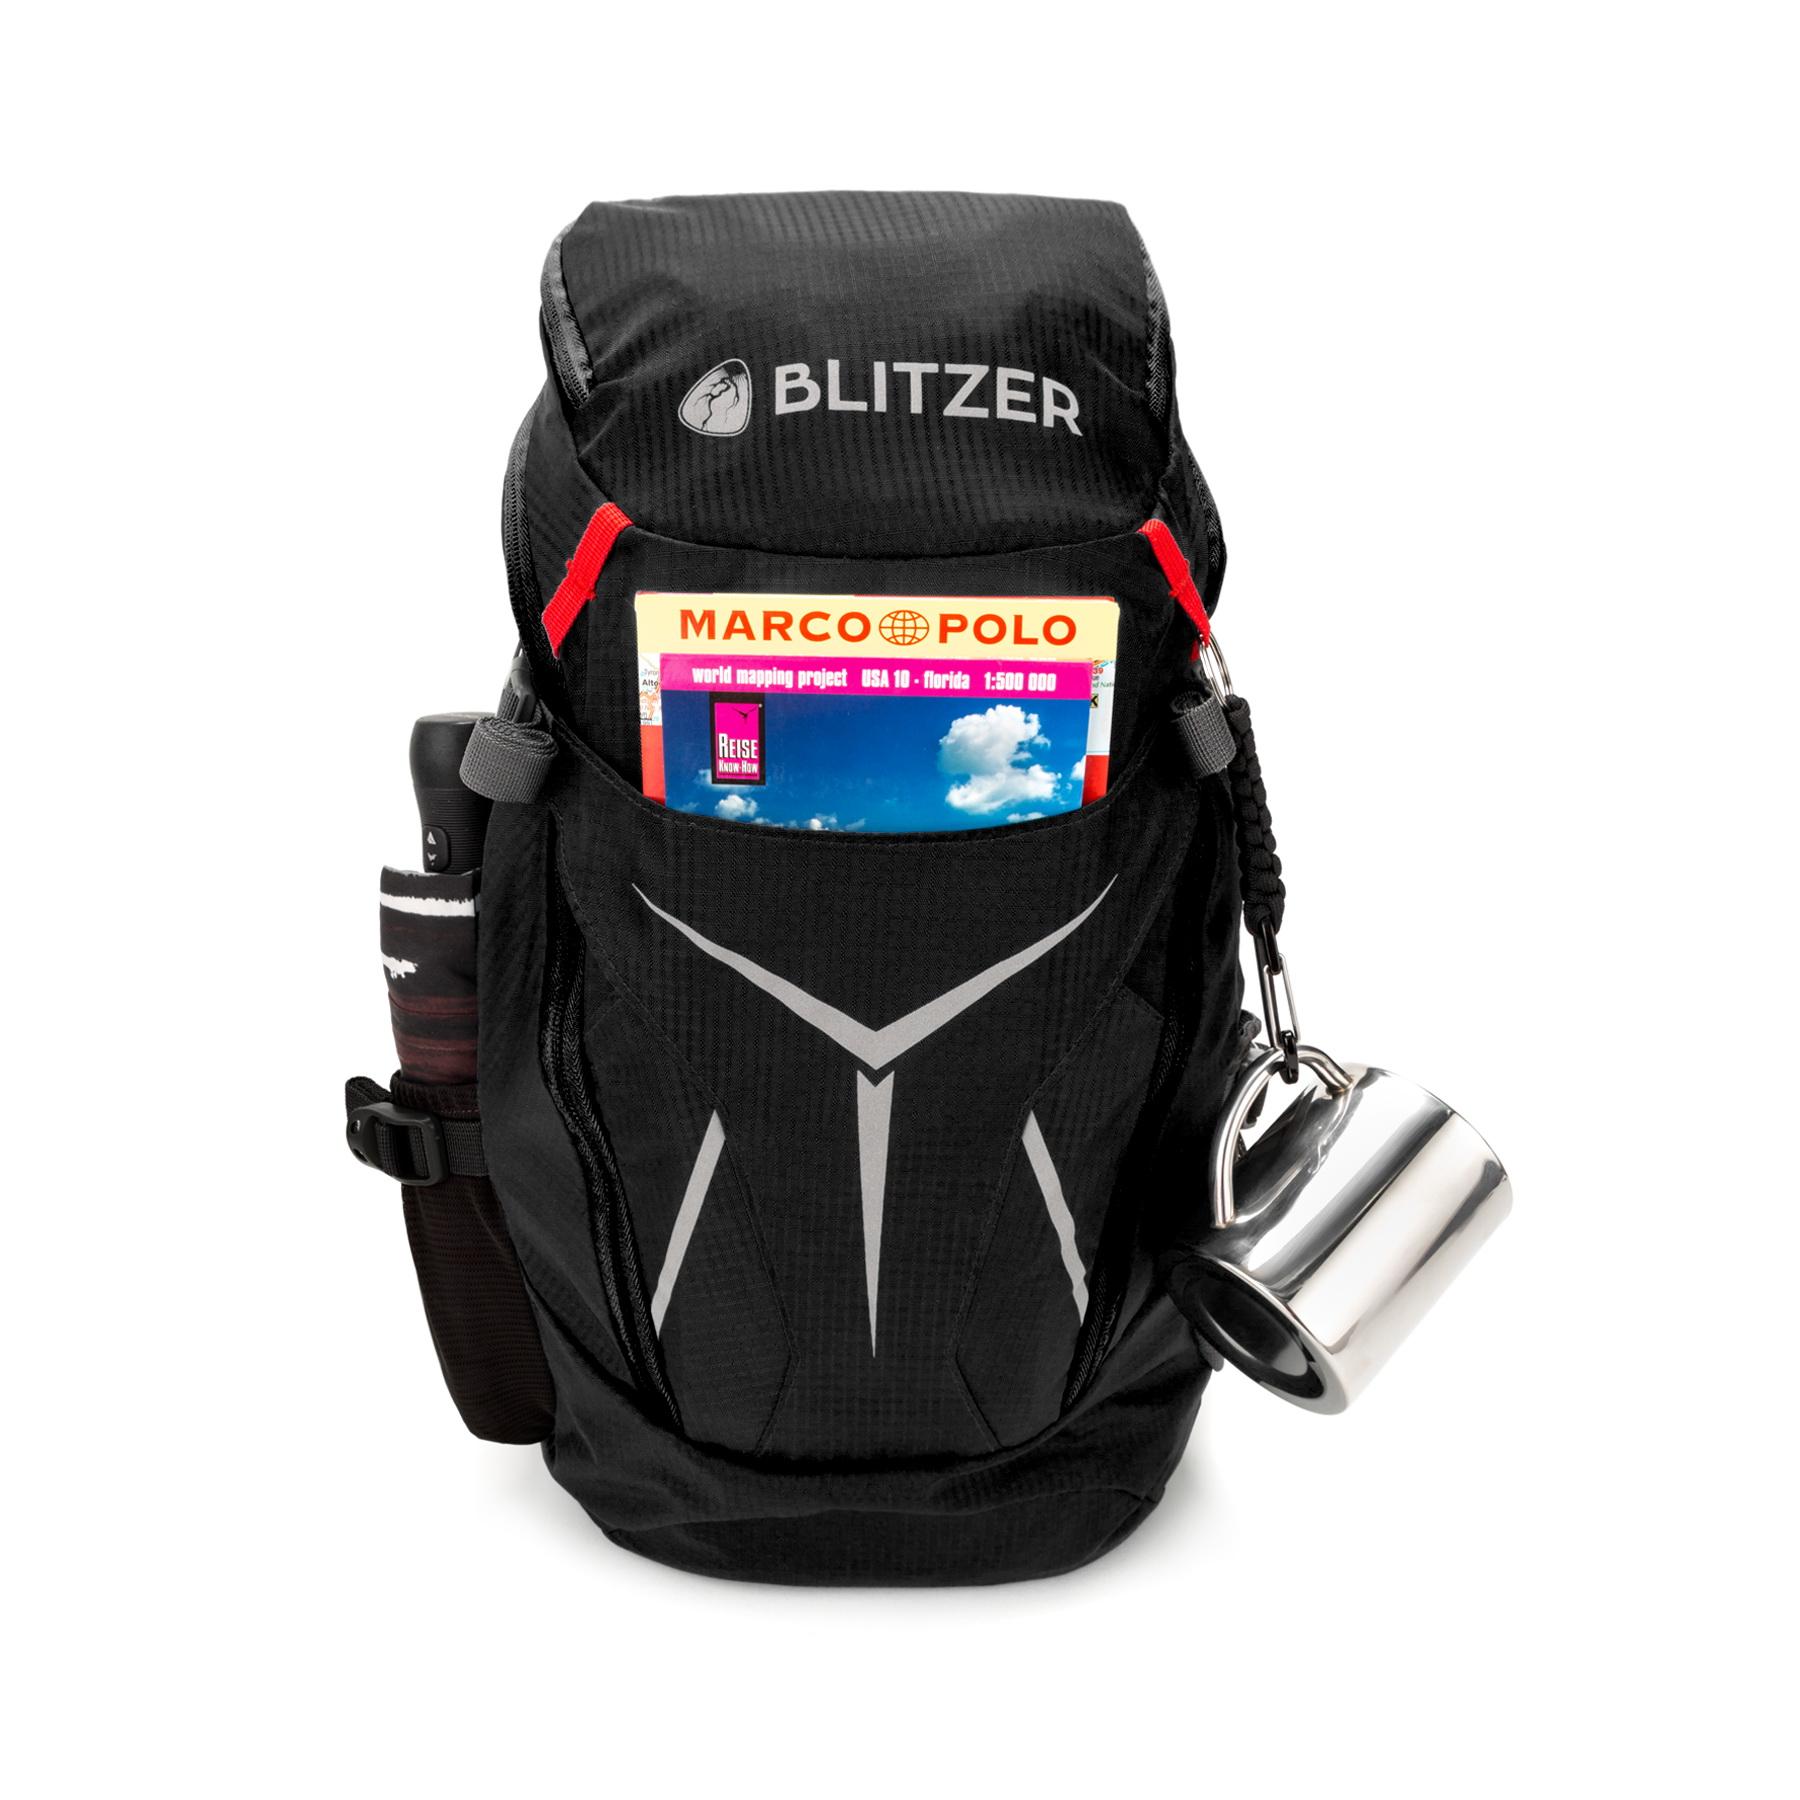 Blitzer Leichter Rucksack [420g] - 20L Fassungsvolumen Schwarz